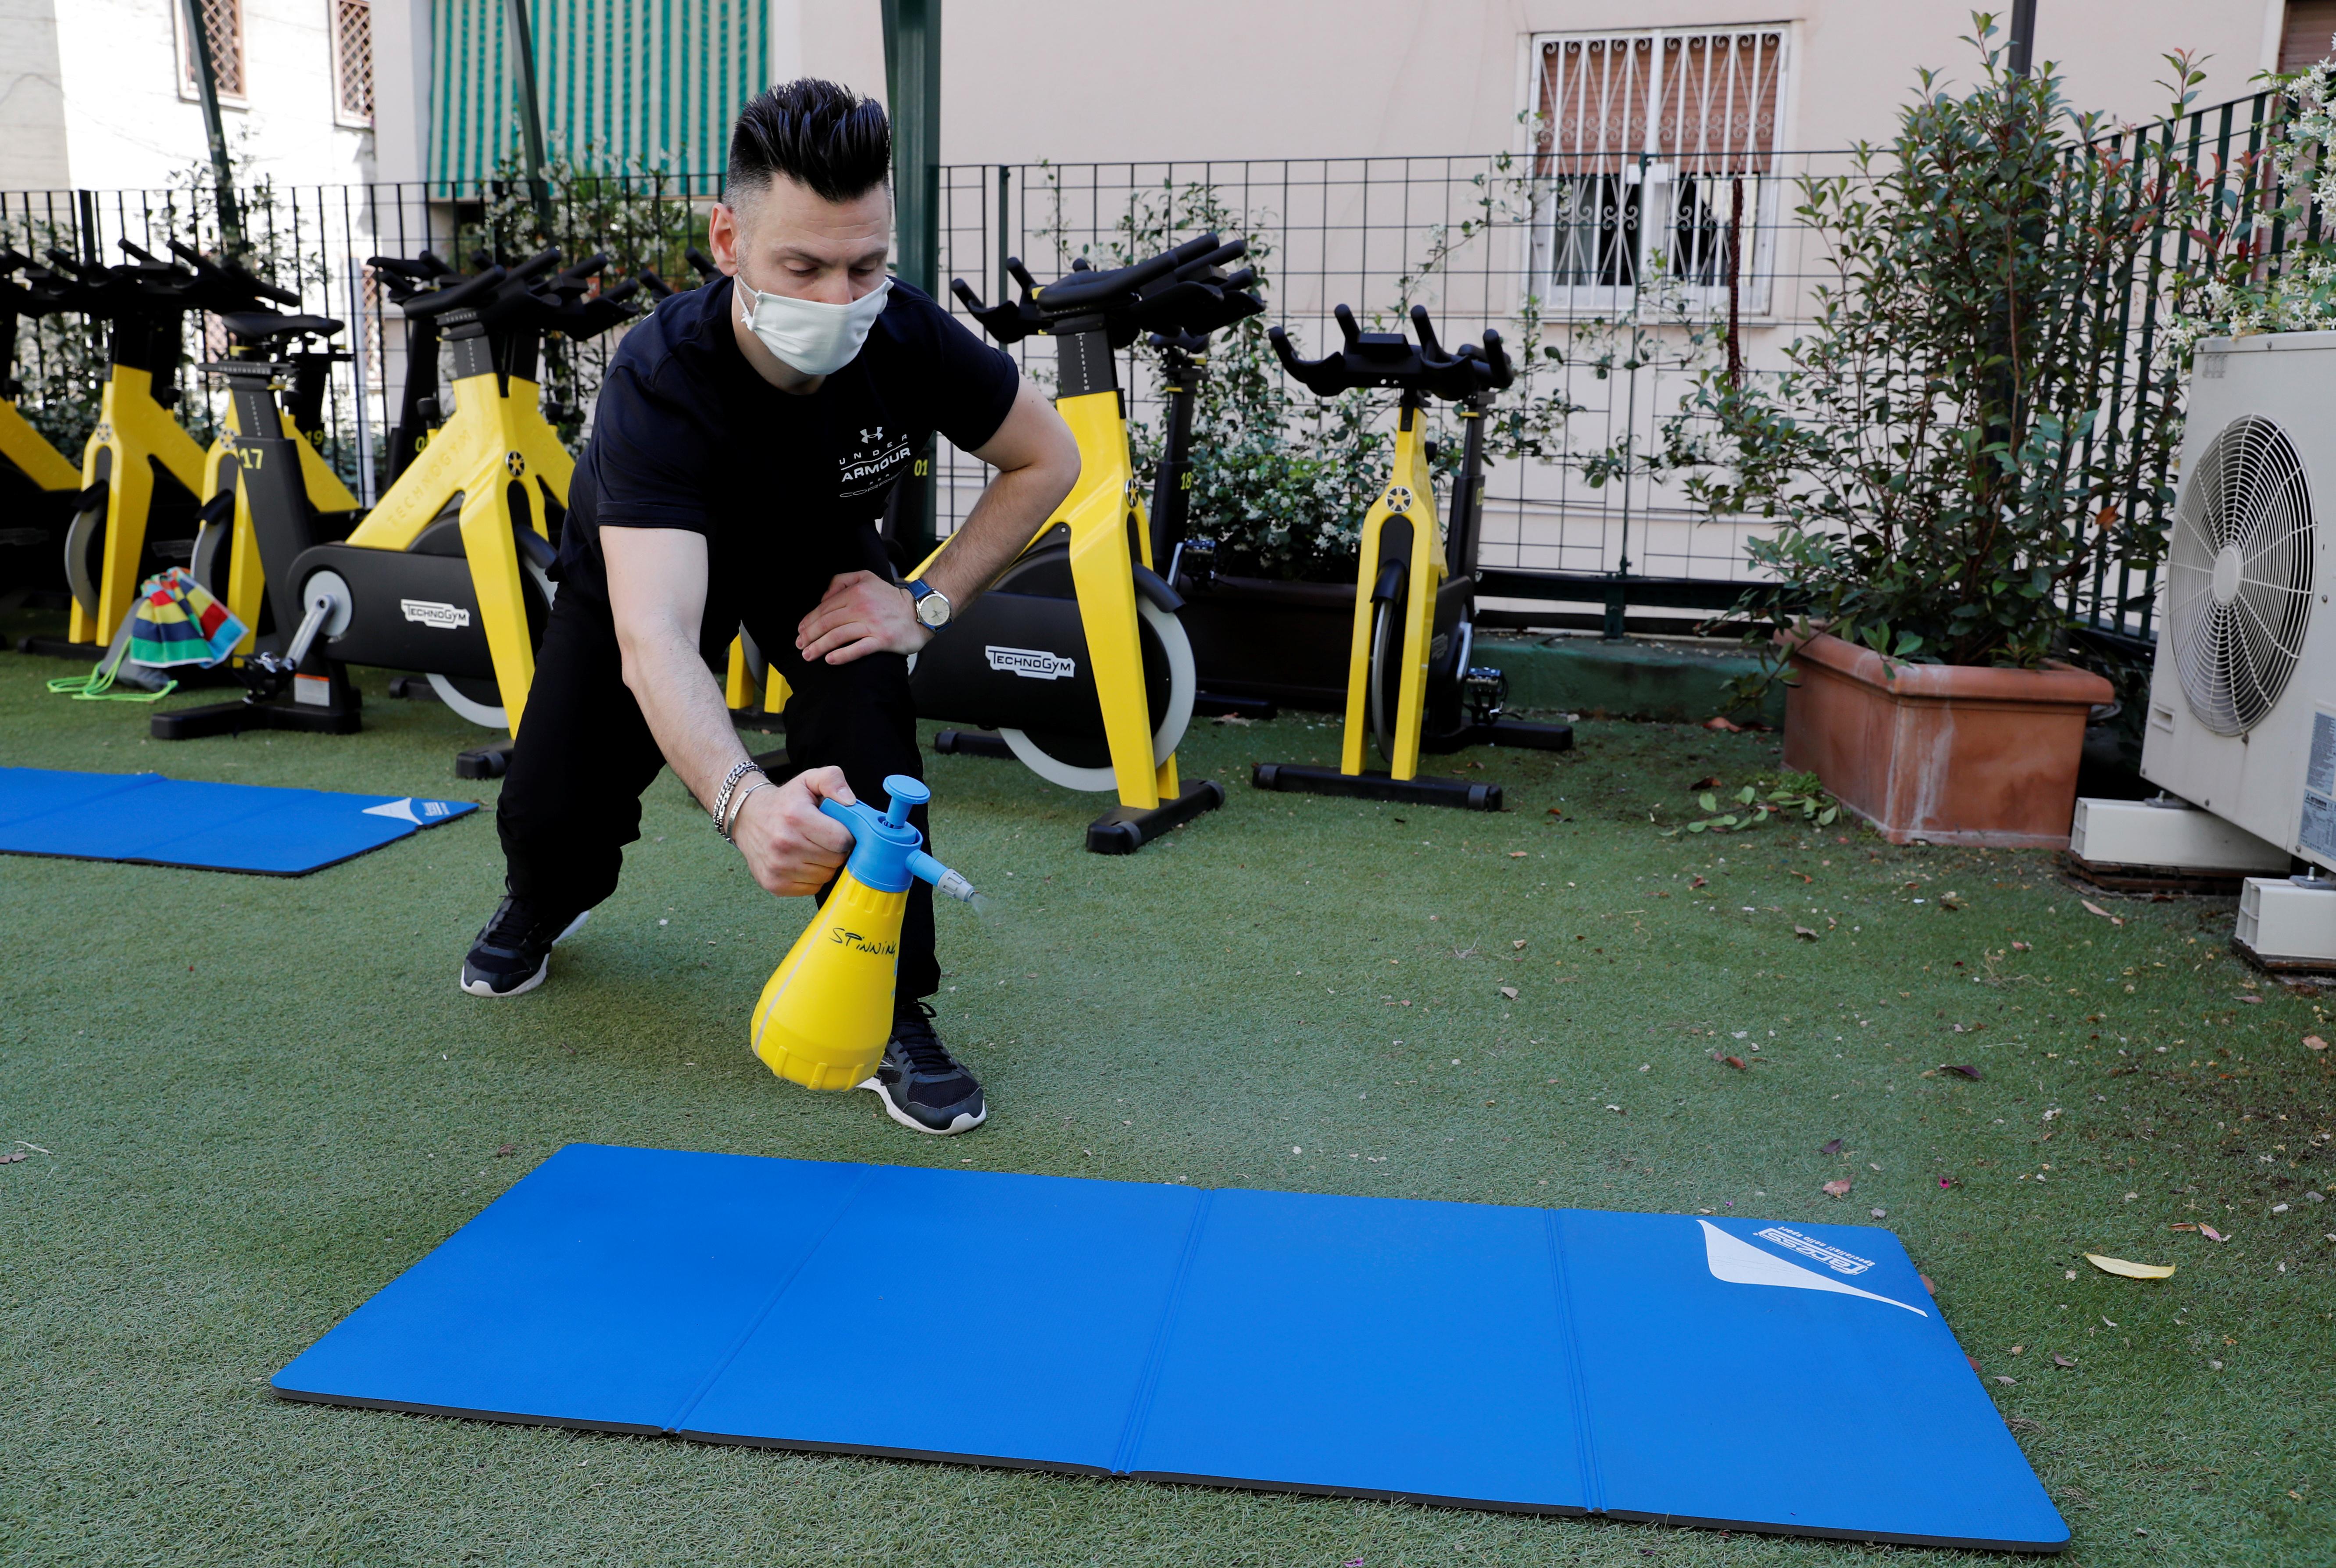 Tanto en los gimnasios como en las piscinas se podrá tomar la temperatura de la gente, aunque no es una obligación, y prohibir la entrada a partir de 37,5°. En la foto, un personal trainer en un gimnasio en Roma (REUTERS/Remo Casilli)